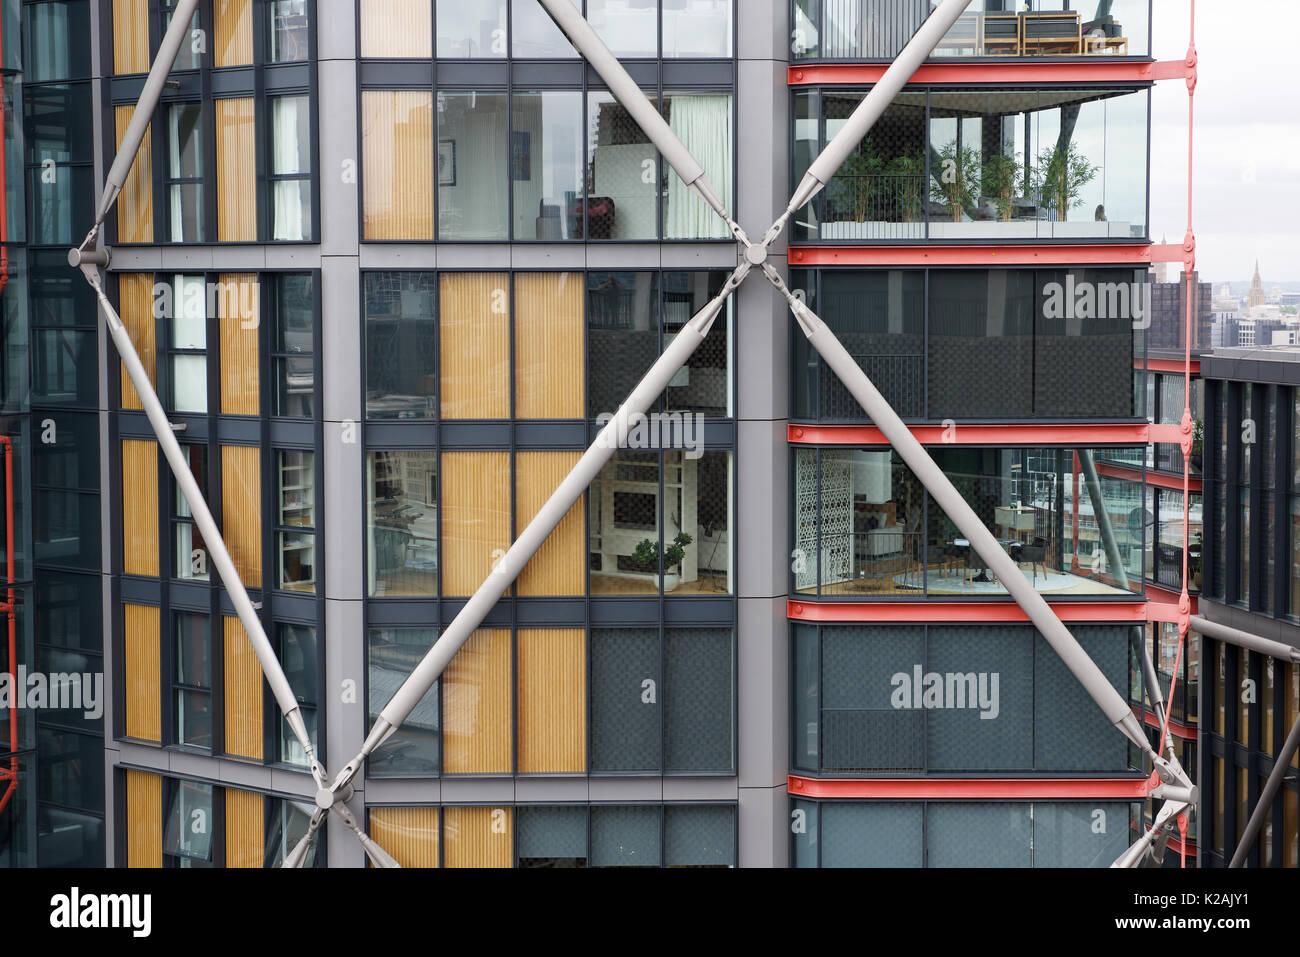 Modernes Hochhaus wohnen in Apartments in London Stockfoto, Bild ...